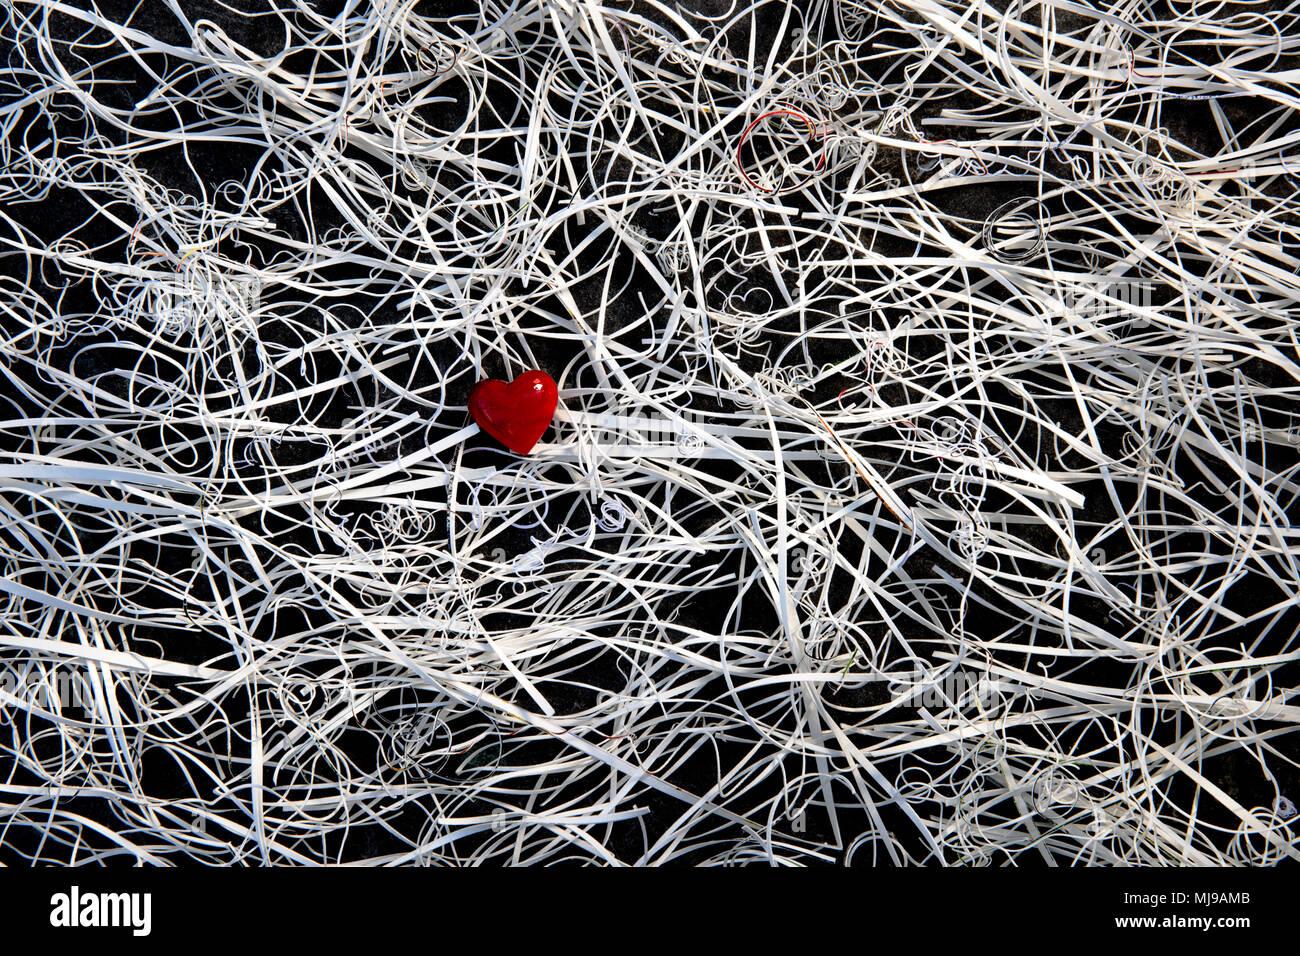 Un coeur en verre rouge au centre d'un enchevêtrement de restes de carte sur un fond d'ardoise. Photo Stock